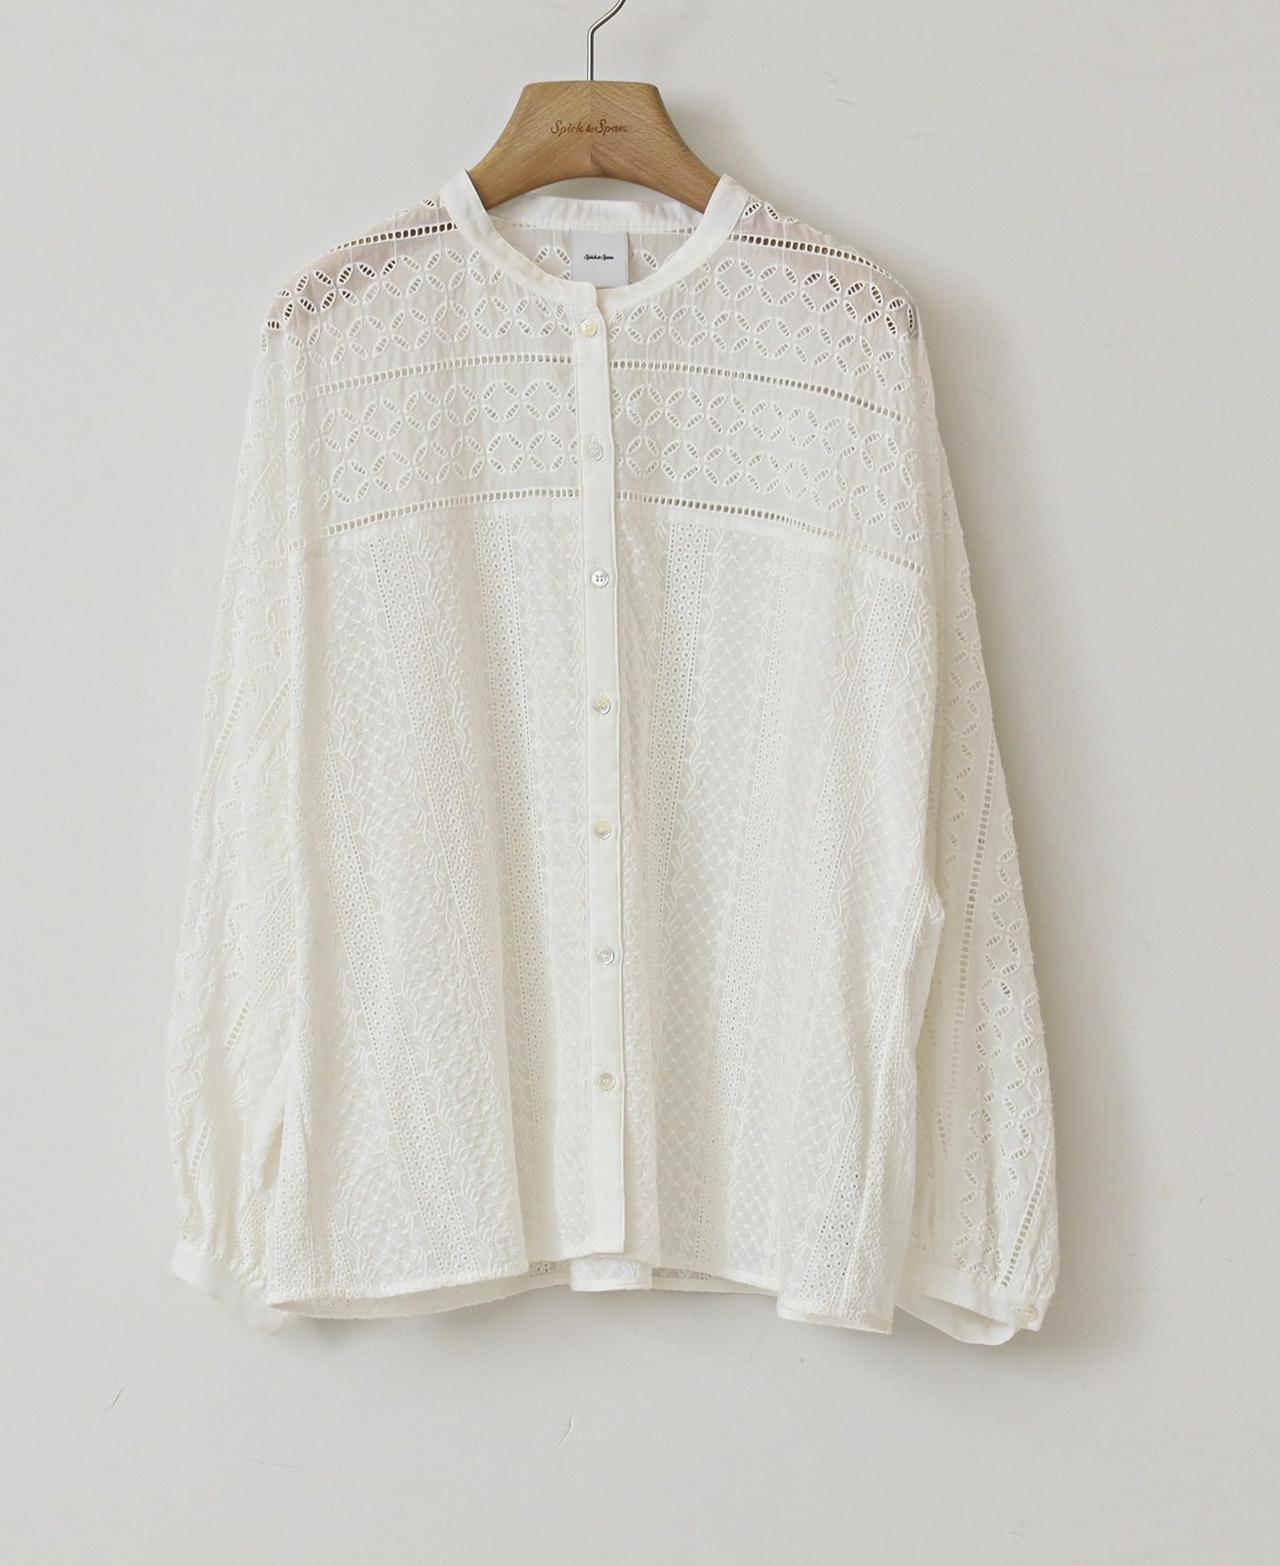 画像: ブロイダーレースドルマンブラウス¥18,700(税込) 出典:fashion trend news